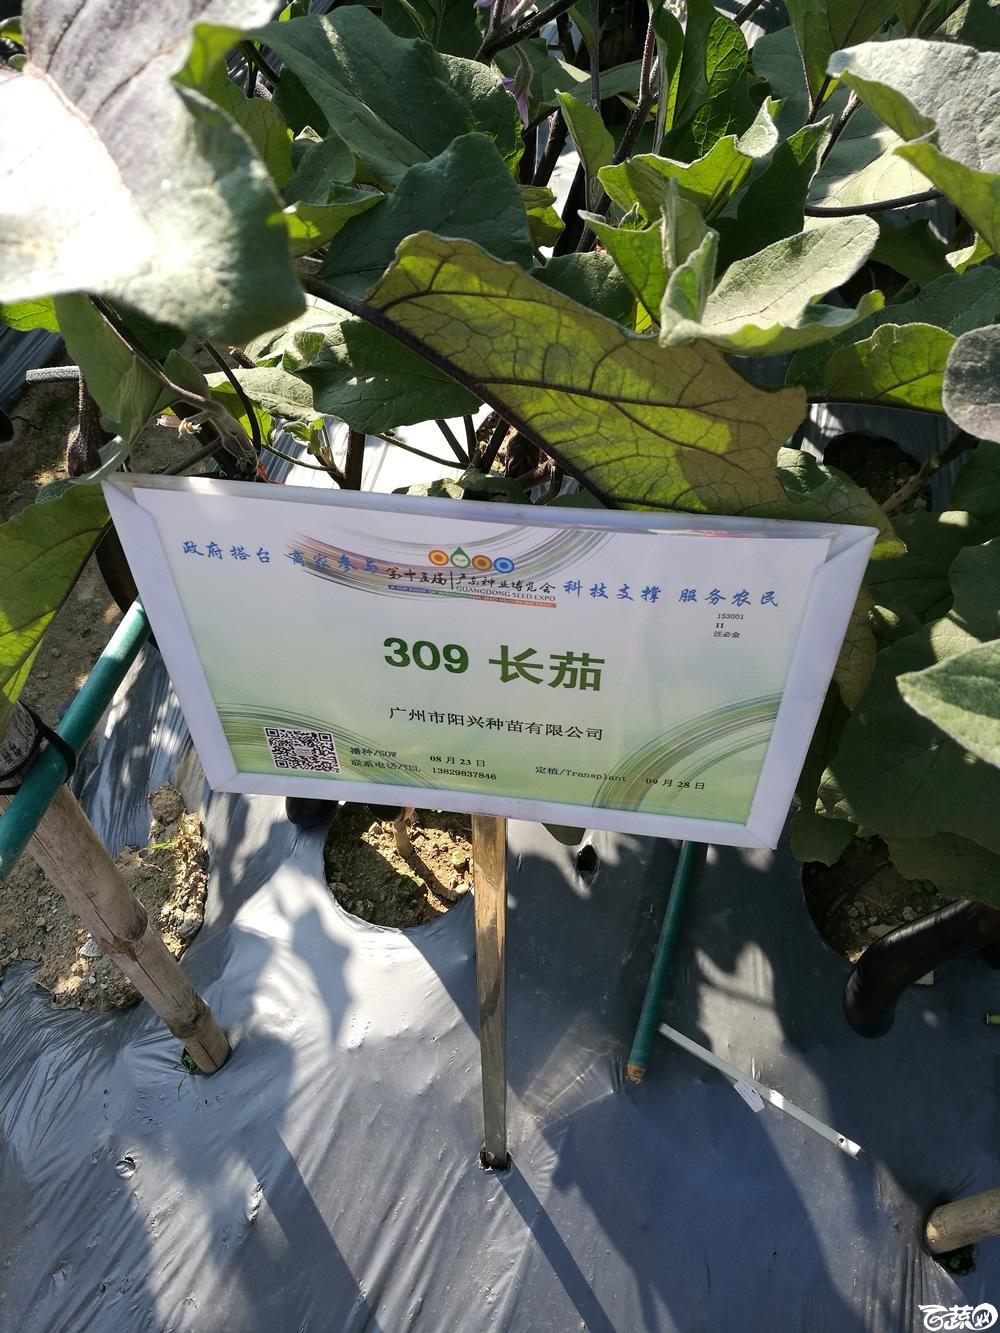 2016年15届广东种博会,广州阳兴种业309紫红长茄_001.jpg